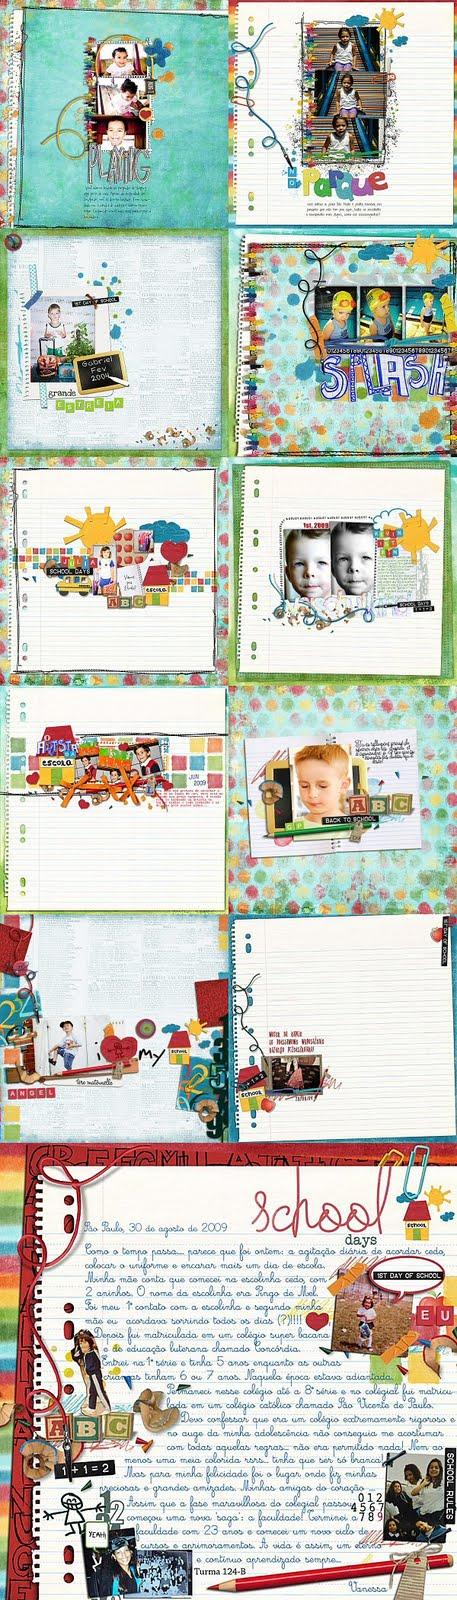 http://miradesigns.blogspot.com/2009_09_01_archive.html#1094215988590300520